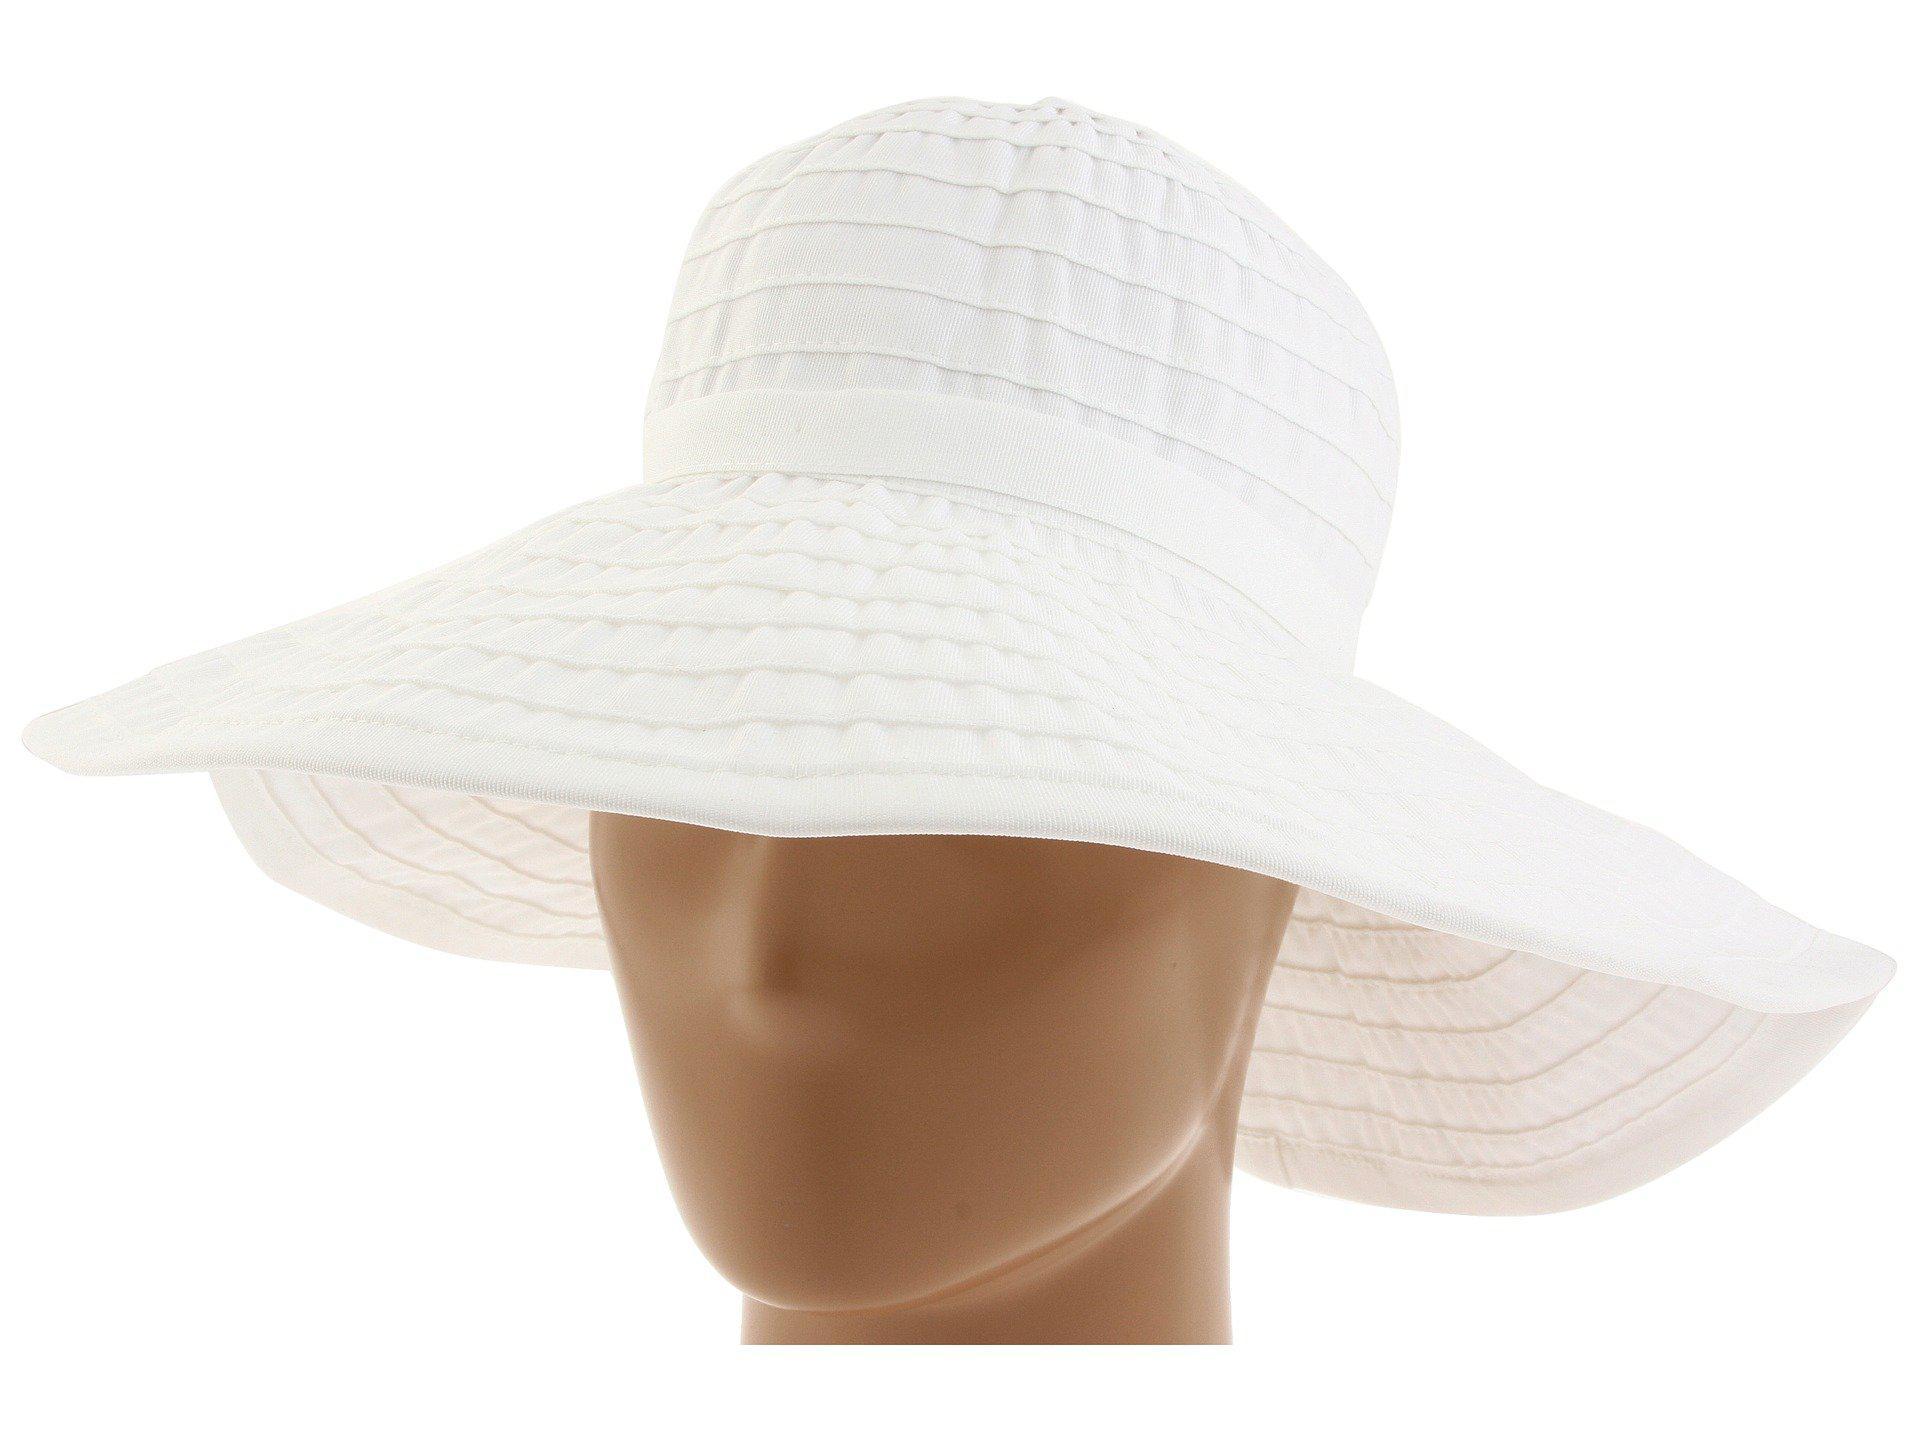 b13a0daef203f2 Lyst - San Diego Hat Company Rbl299 Crushable Ribbon Floppy Hat ...